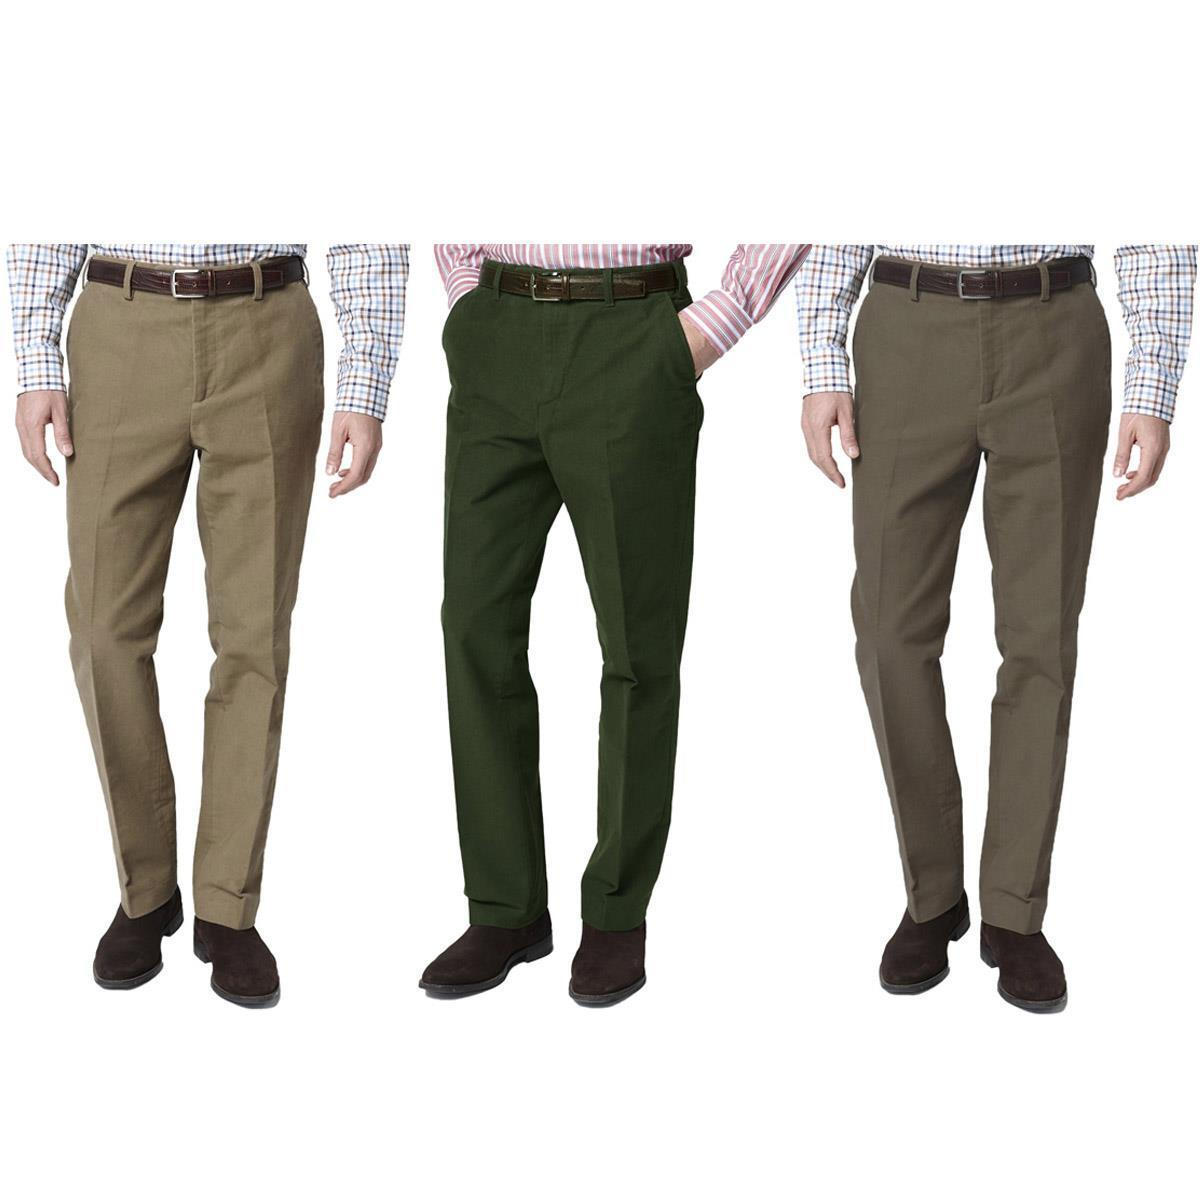 Brentwood Mens Cotton Moleskin Trousers   British British British Made Durable Country Wear | Marke  | Qualität und Quantität garantiert  | Neue Sorten werden eingeführt  | Zu einem niedrigeren Preis  | Deutschland  92d850